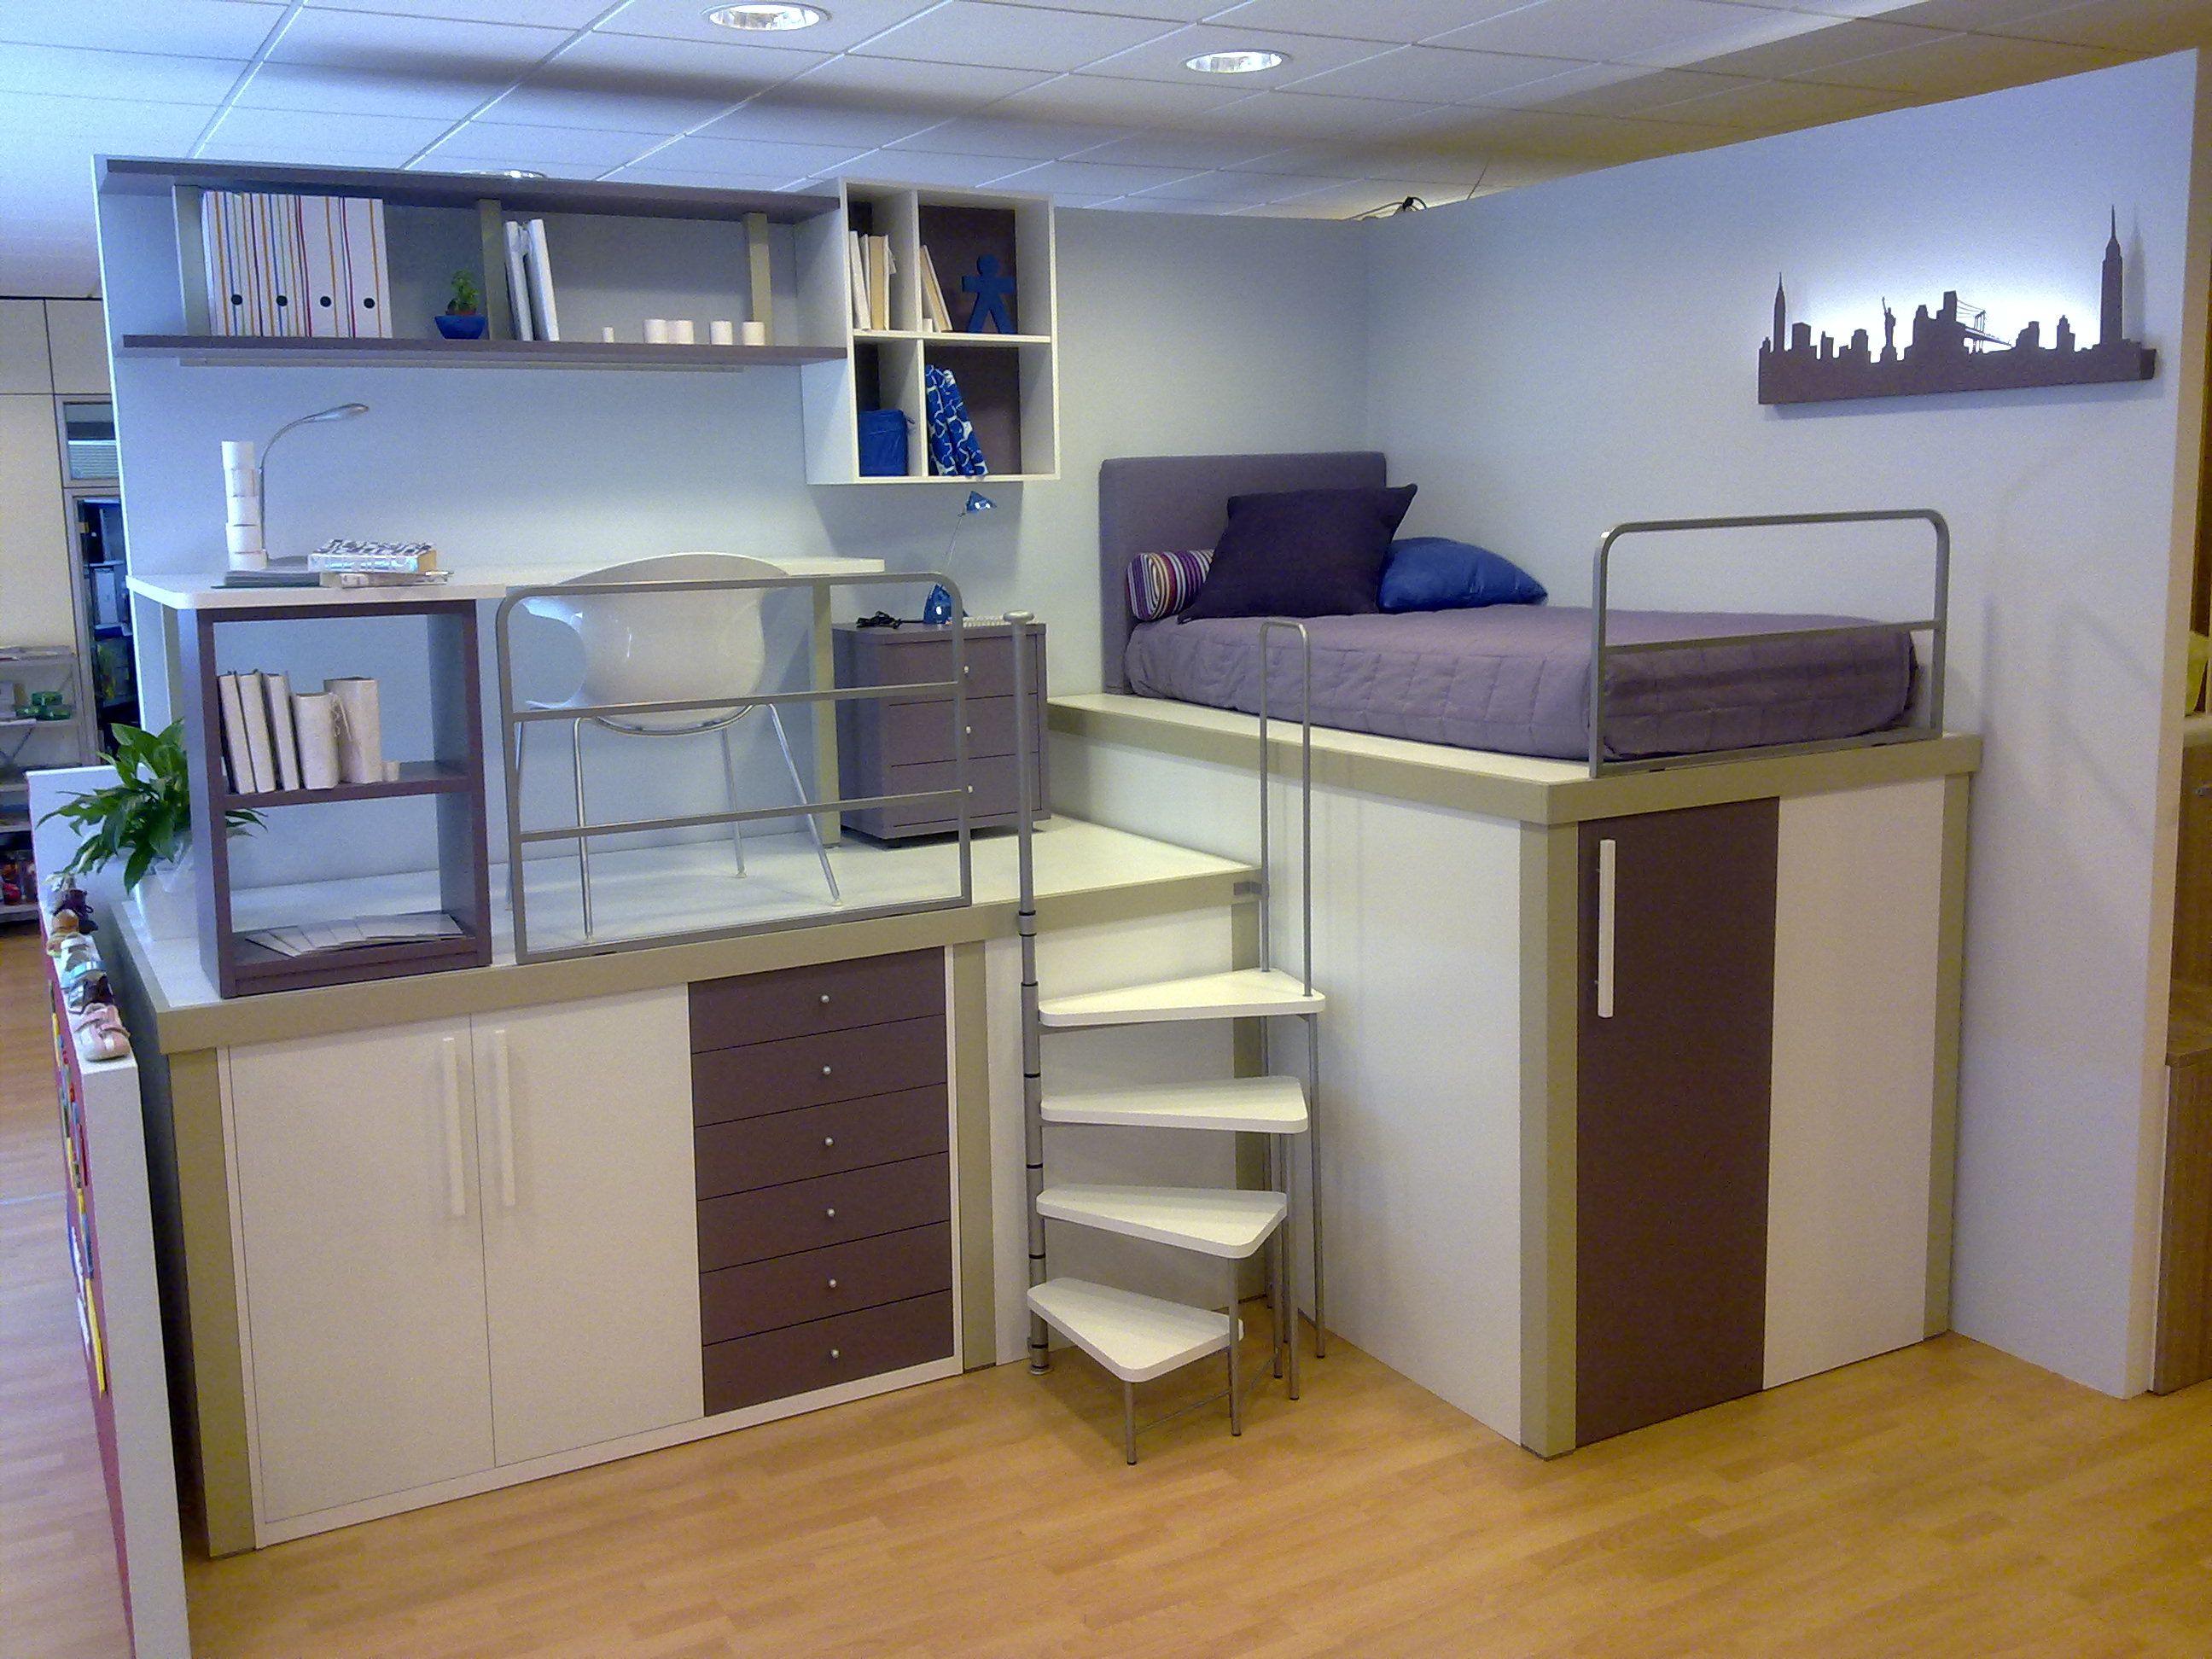 Soppalco per lei idee pinterest soppalco camerette - Camerette per stanze piccole ...